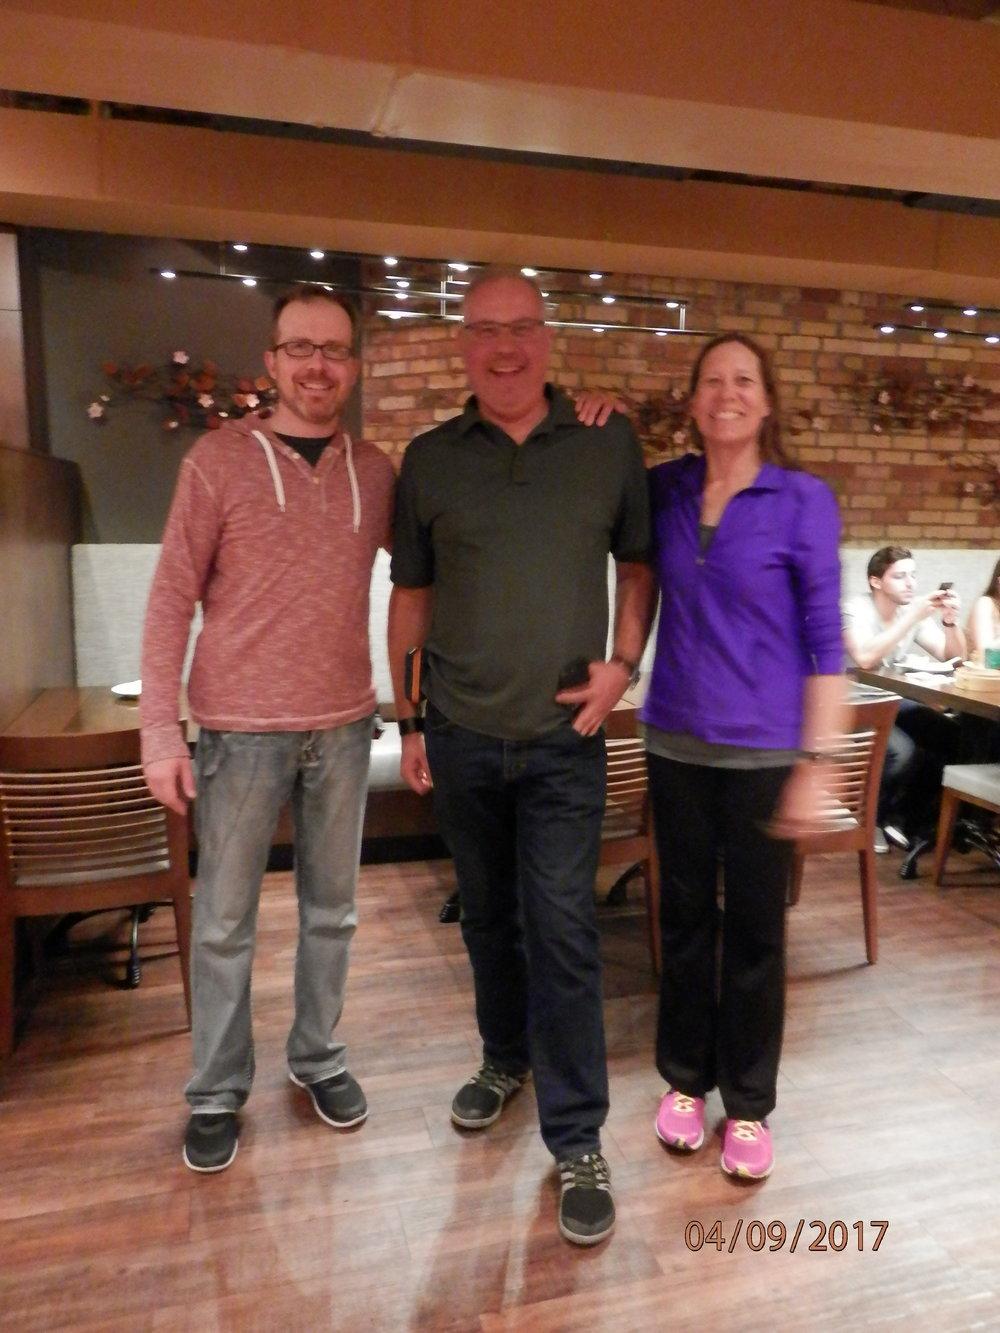 Emppu Nieminen keskellä tapaa ensimmäistä kertaa Kanadan serkkunsa Eric ja Anna Niemisen. Maailma on ihmeellinen.